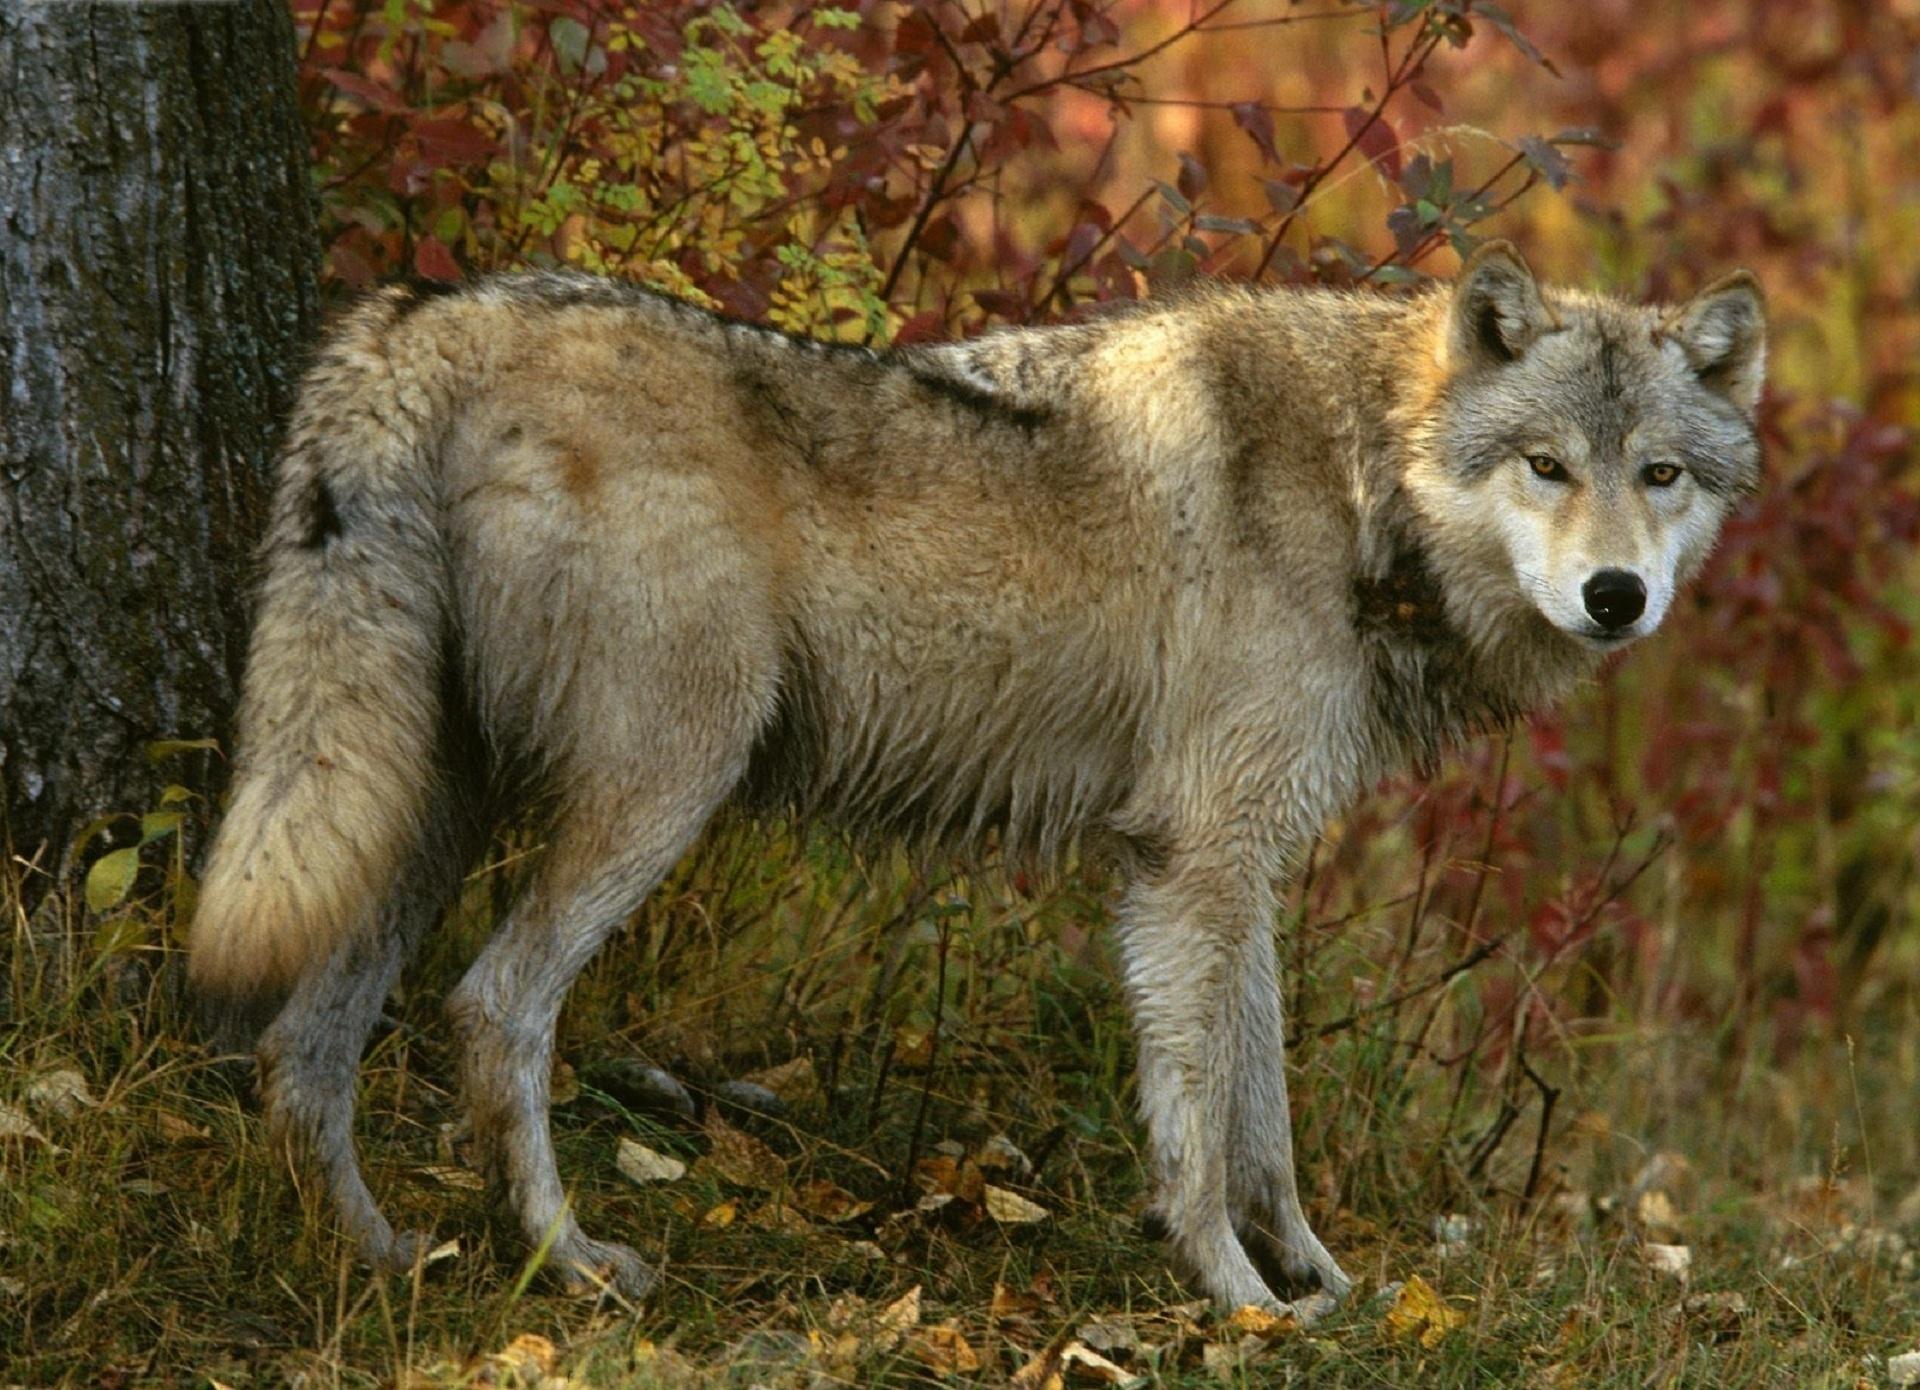 горлов армейский волки в лесах картинки фото чрезвычайно опасных